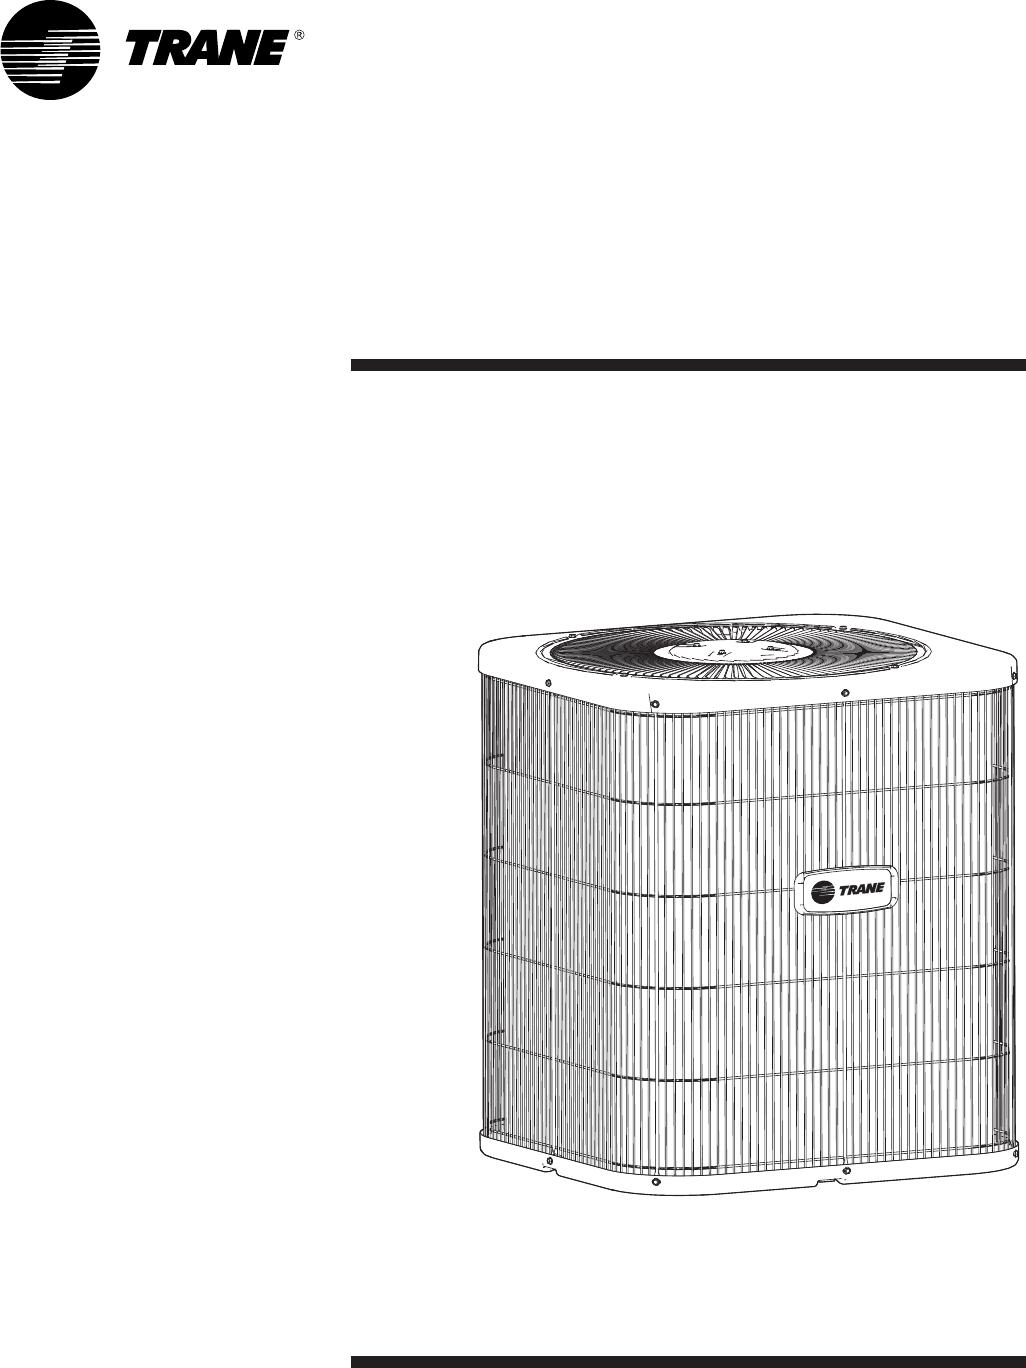 hight resolution of  trane heat pump wiring schematic tw on